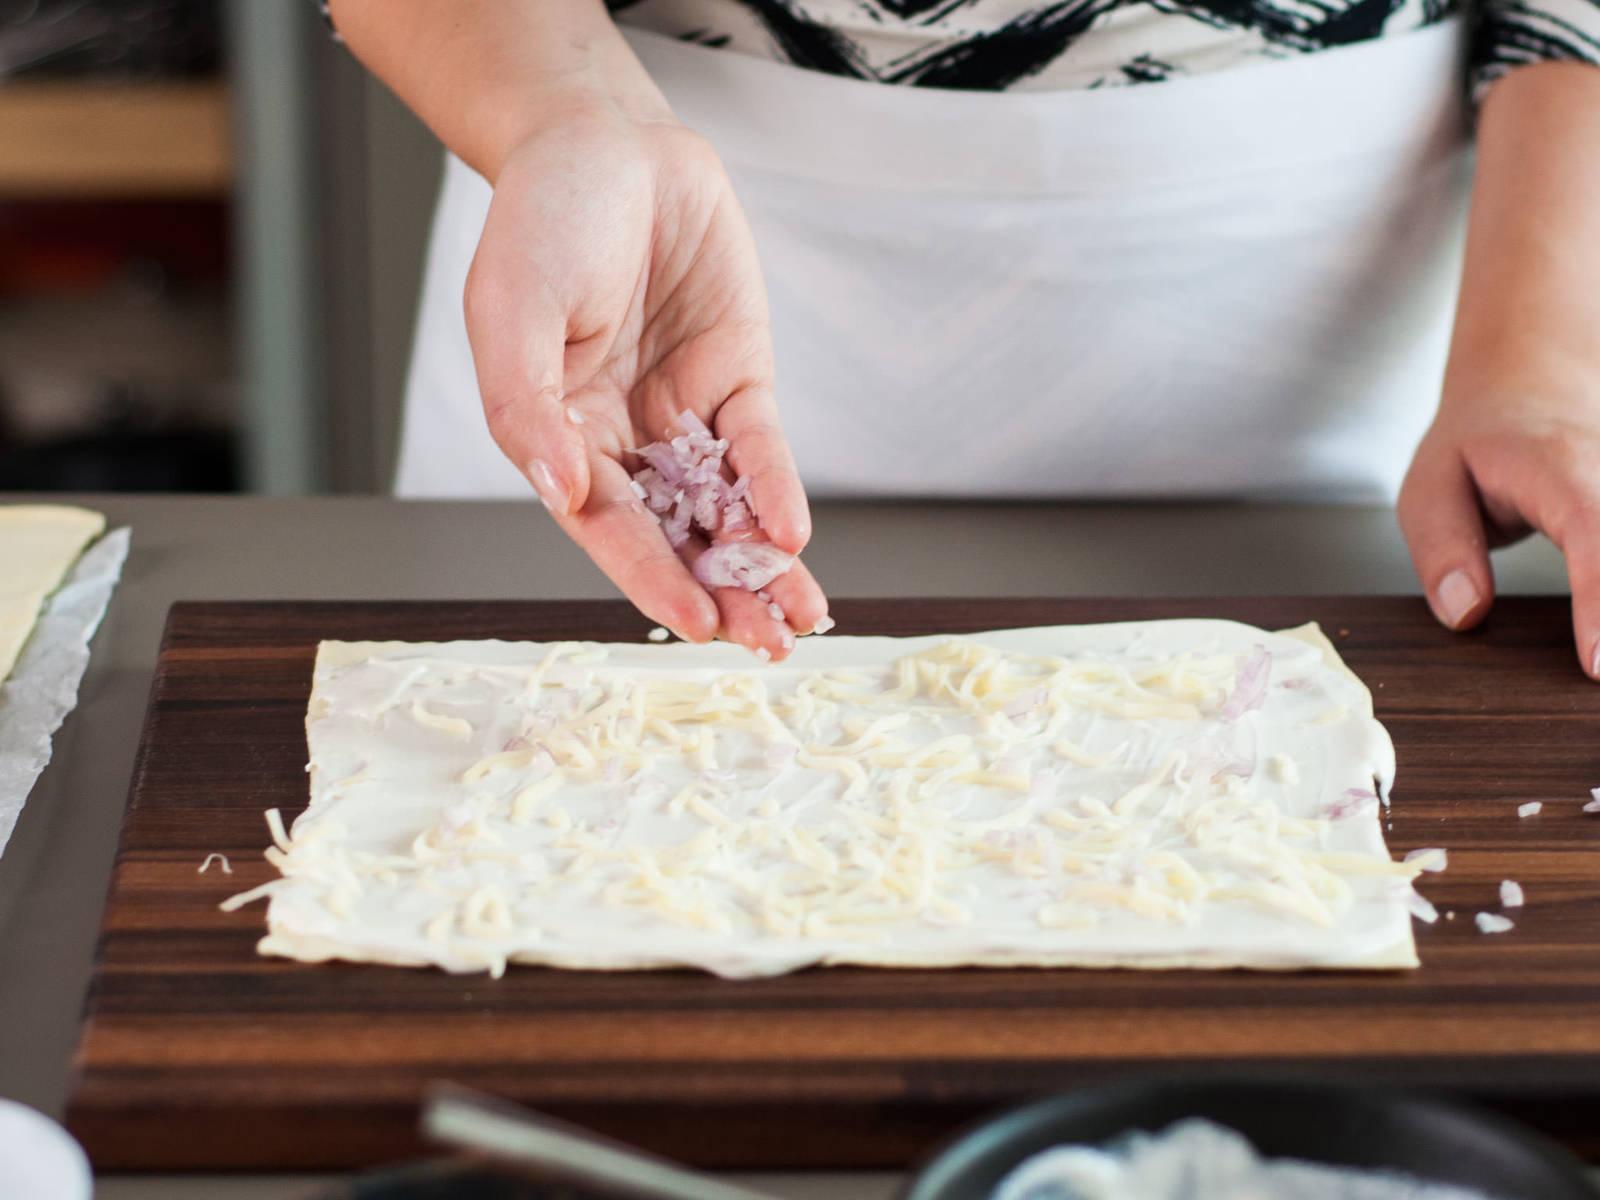 Blätterteig halbieren. Die eine Hälfte mit saurer Sahne bestreichen und mit Käse und Schalotten bestreuen. Mit Salz und Pfeffer würzen.